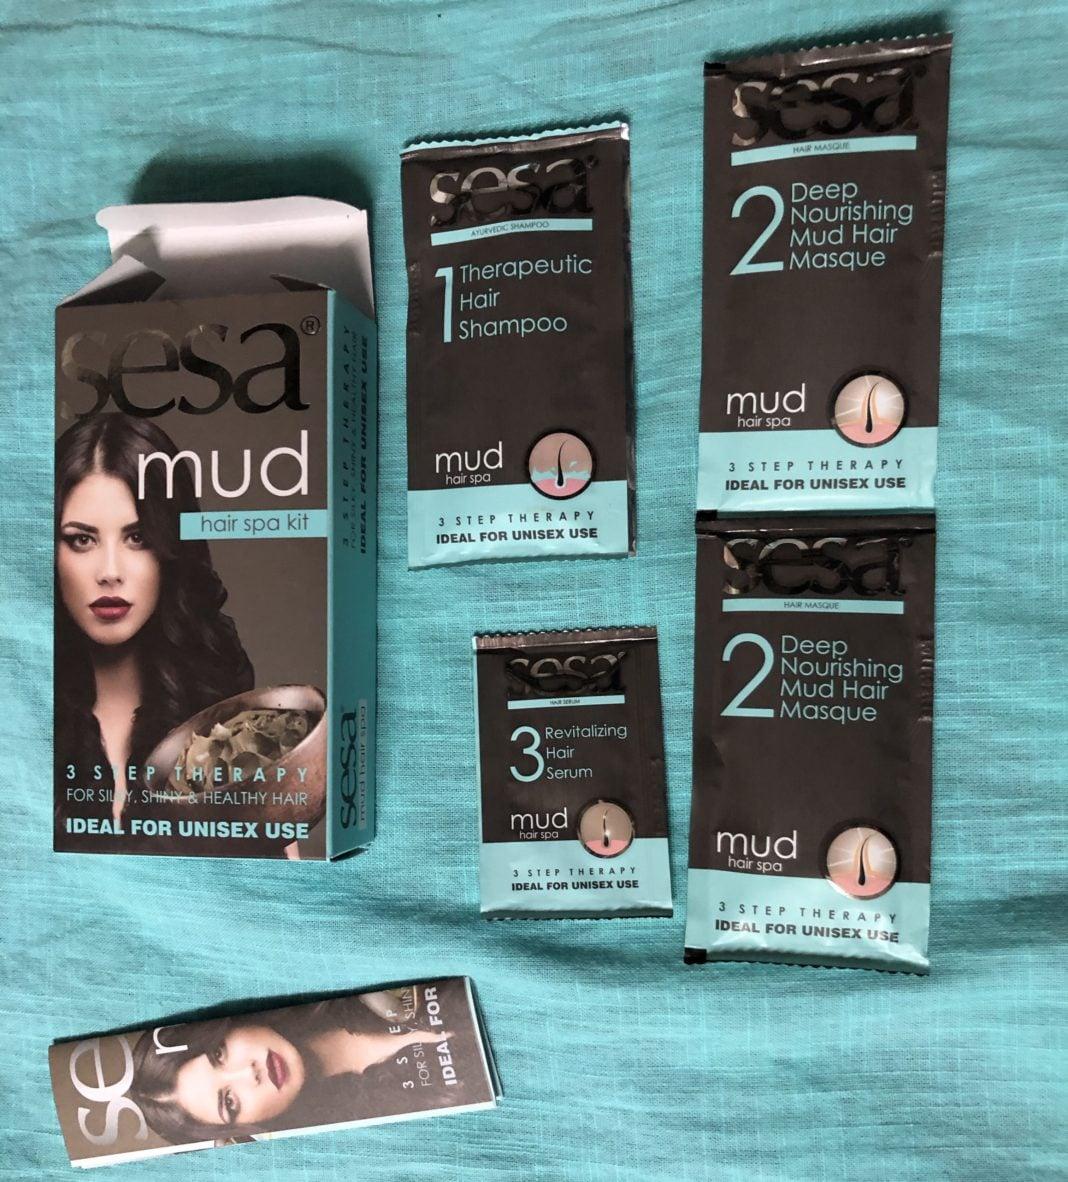 Sesa Mud Hair Spa